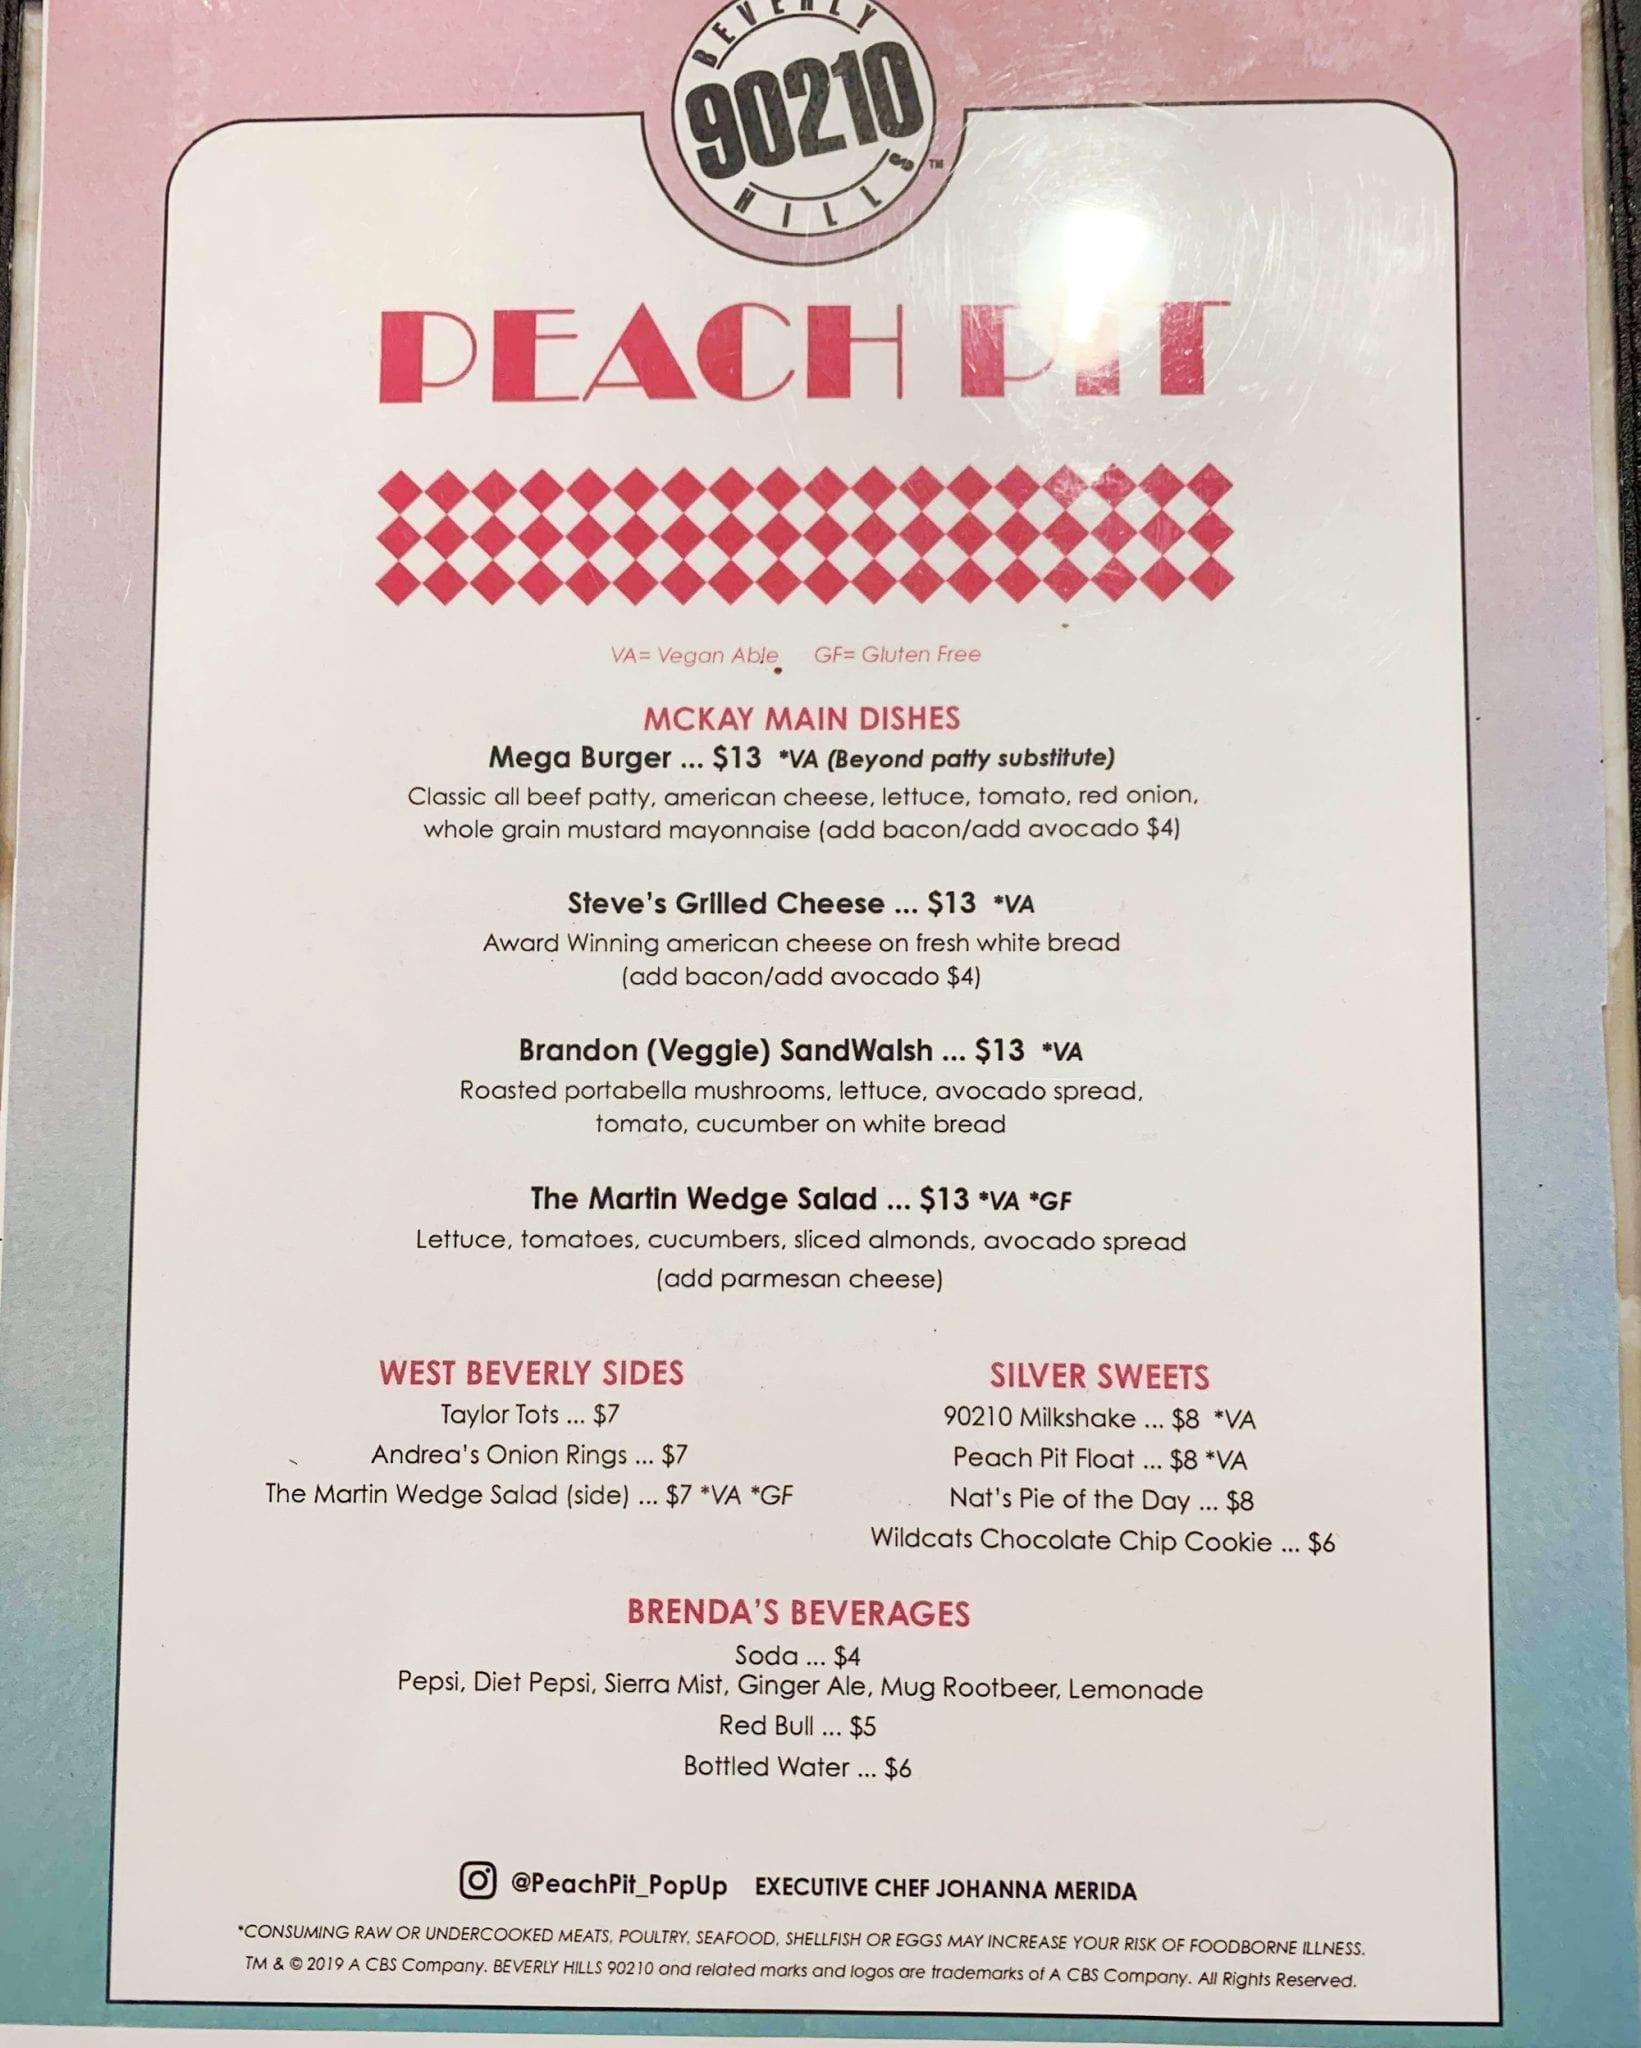 Beverly Hills 90210 peach pit menu